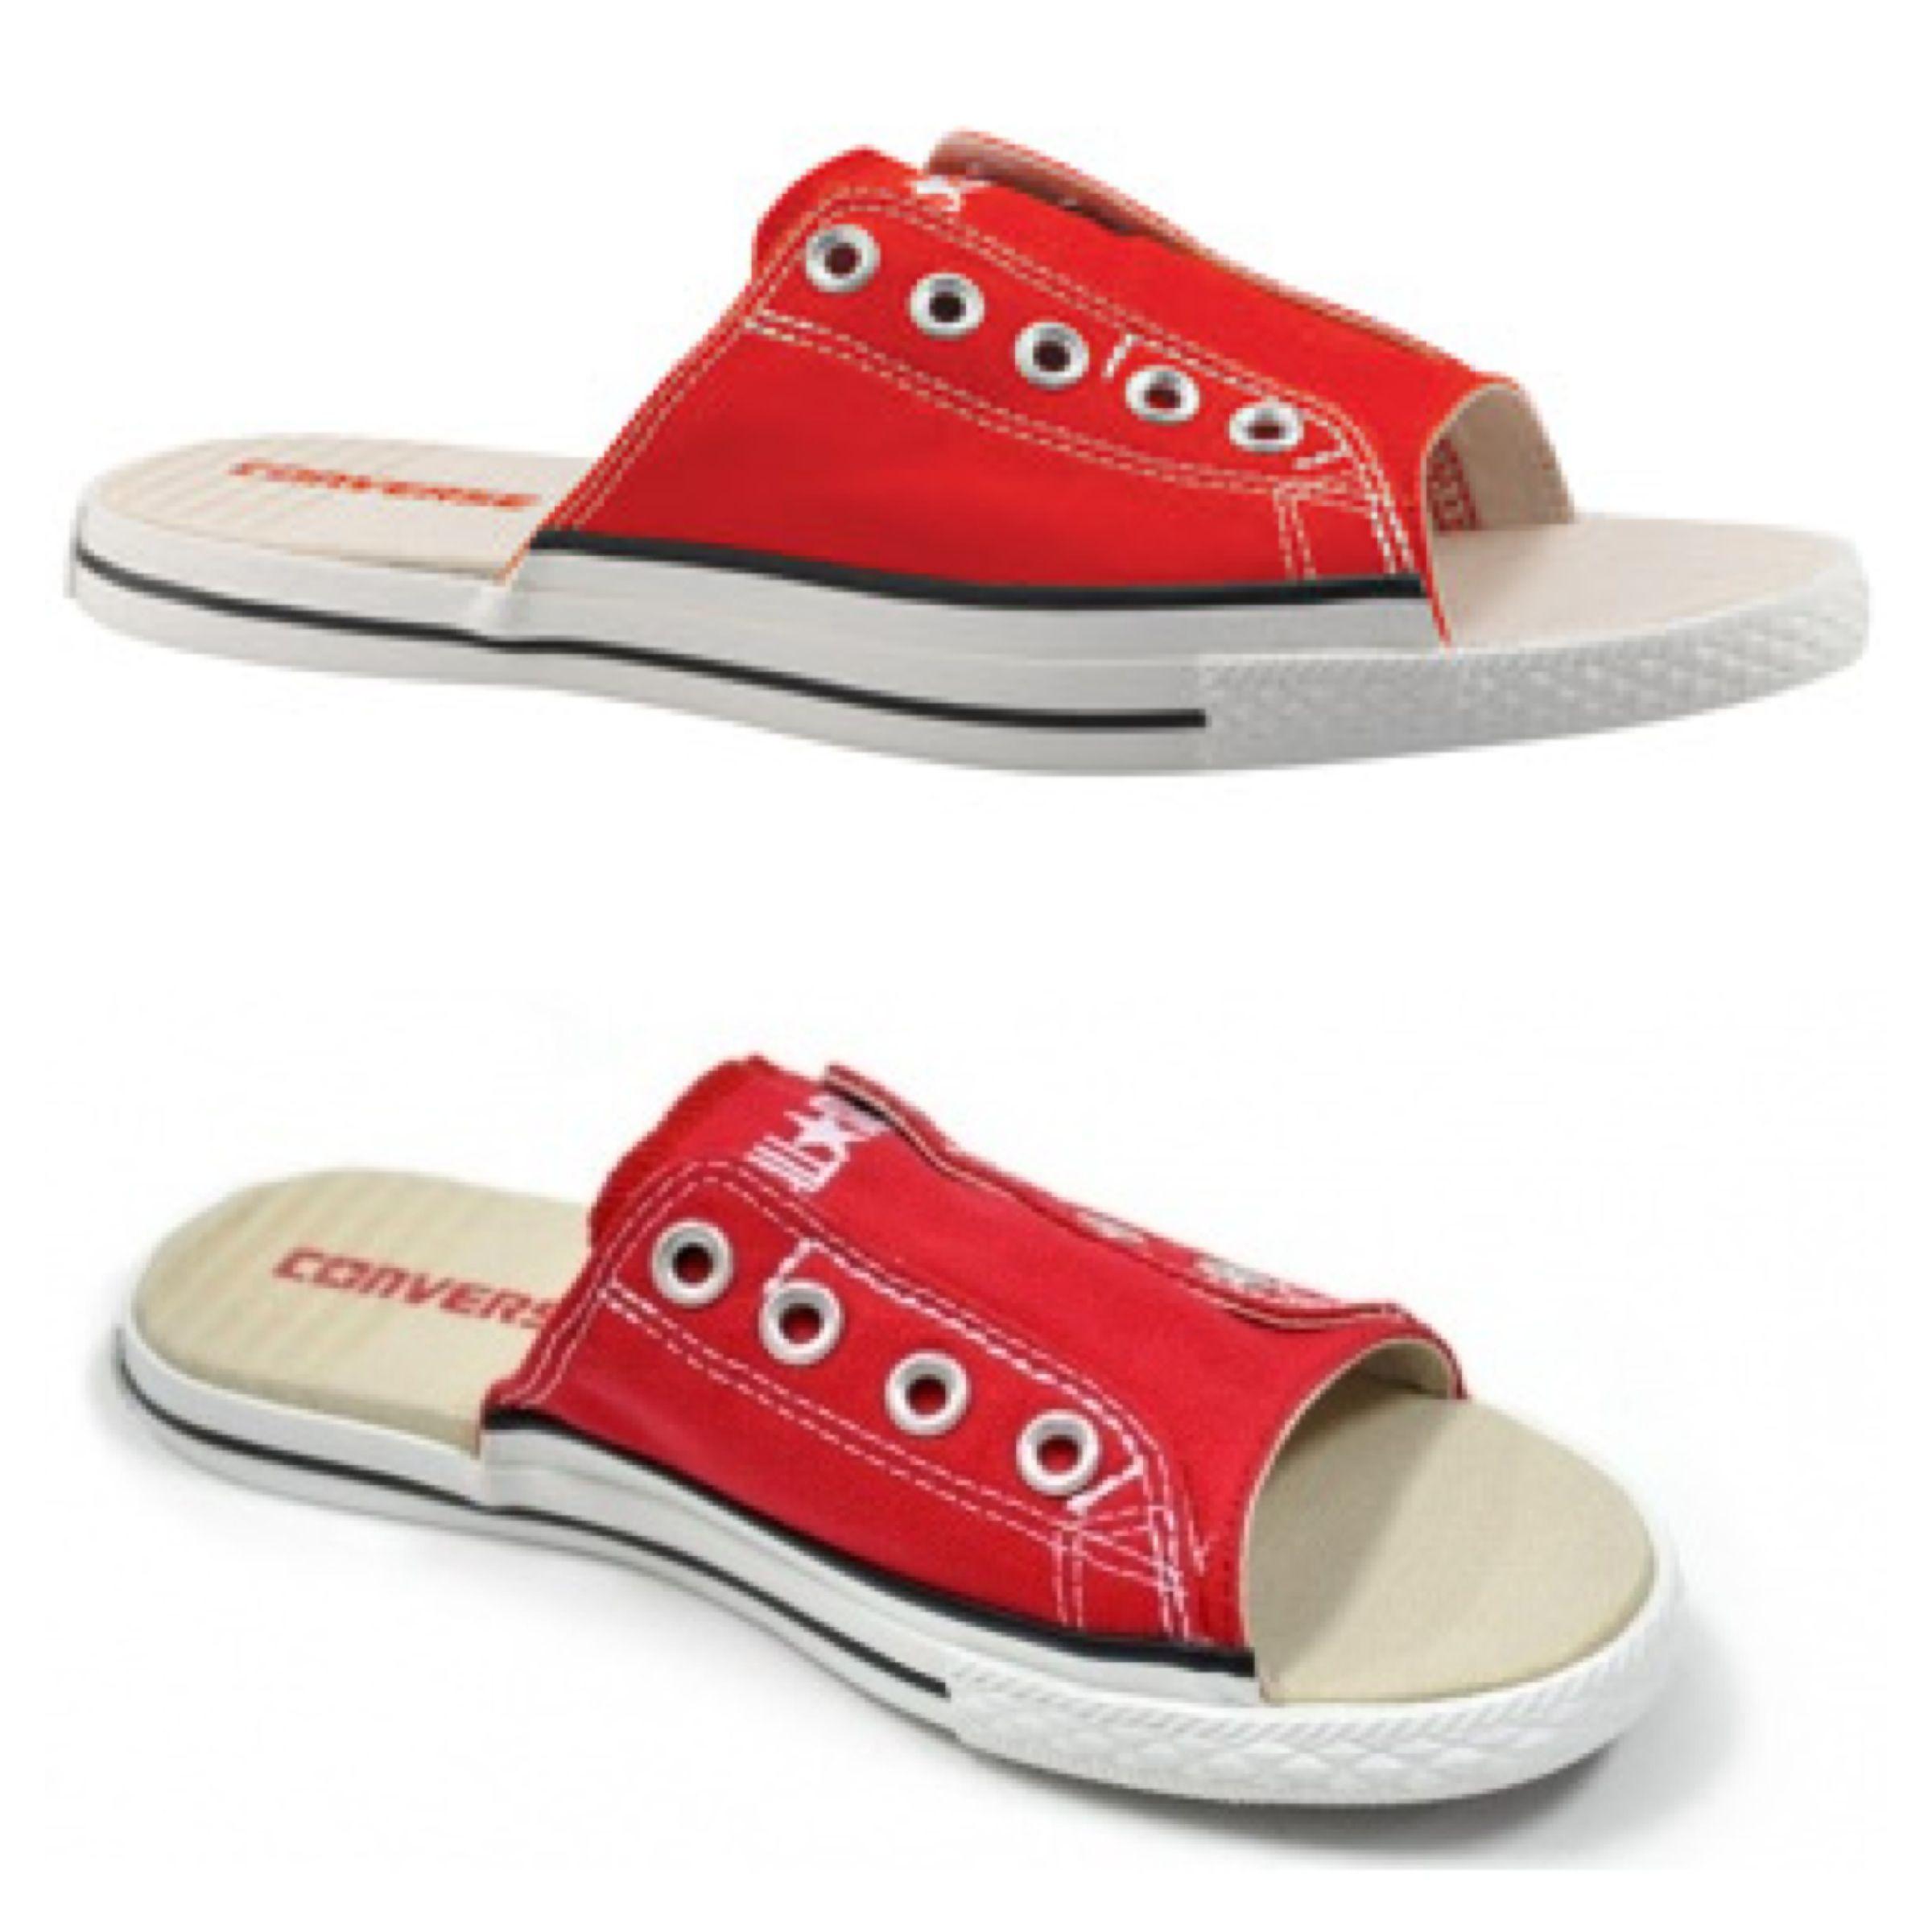 Converse All Star Flip Flops | Converse